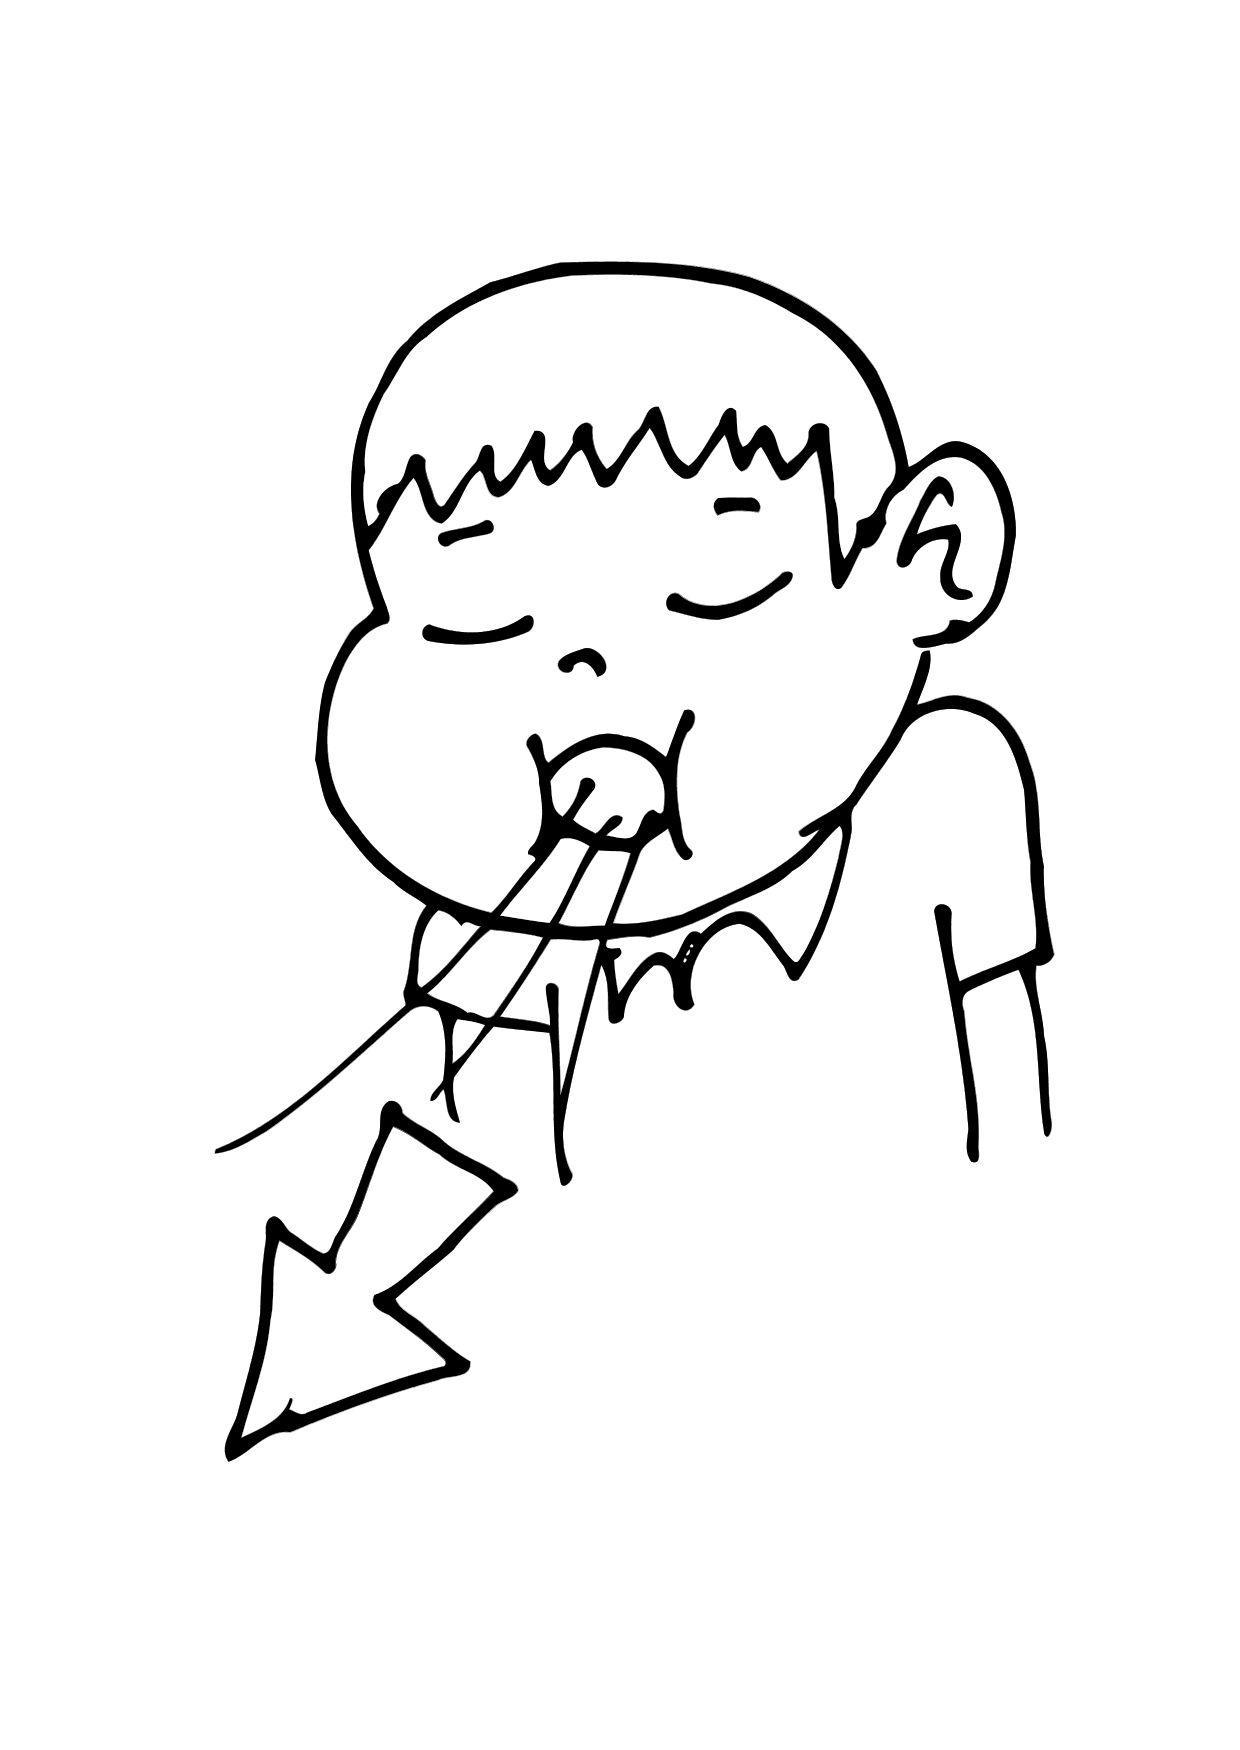 Dibujo para colorear Espirar - Img 11779